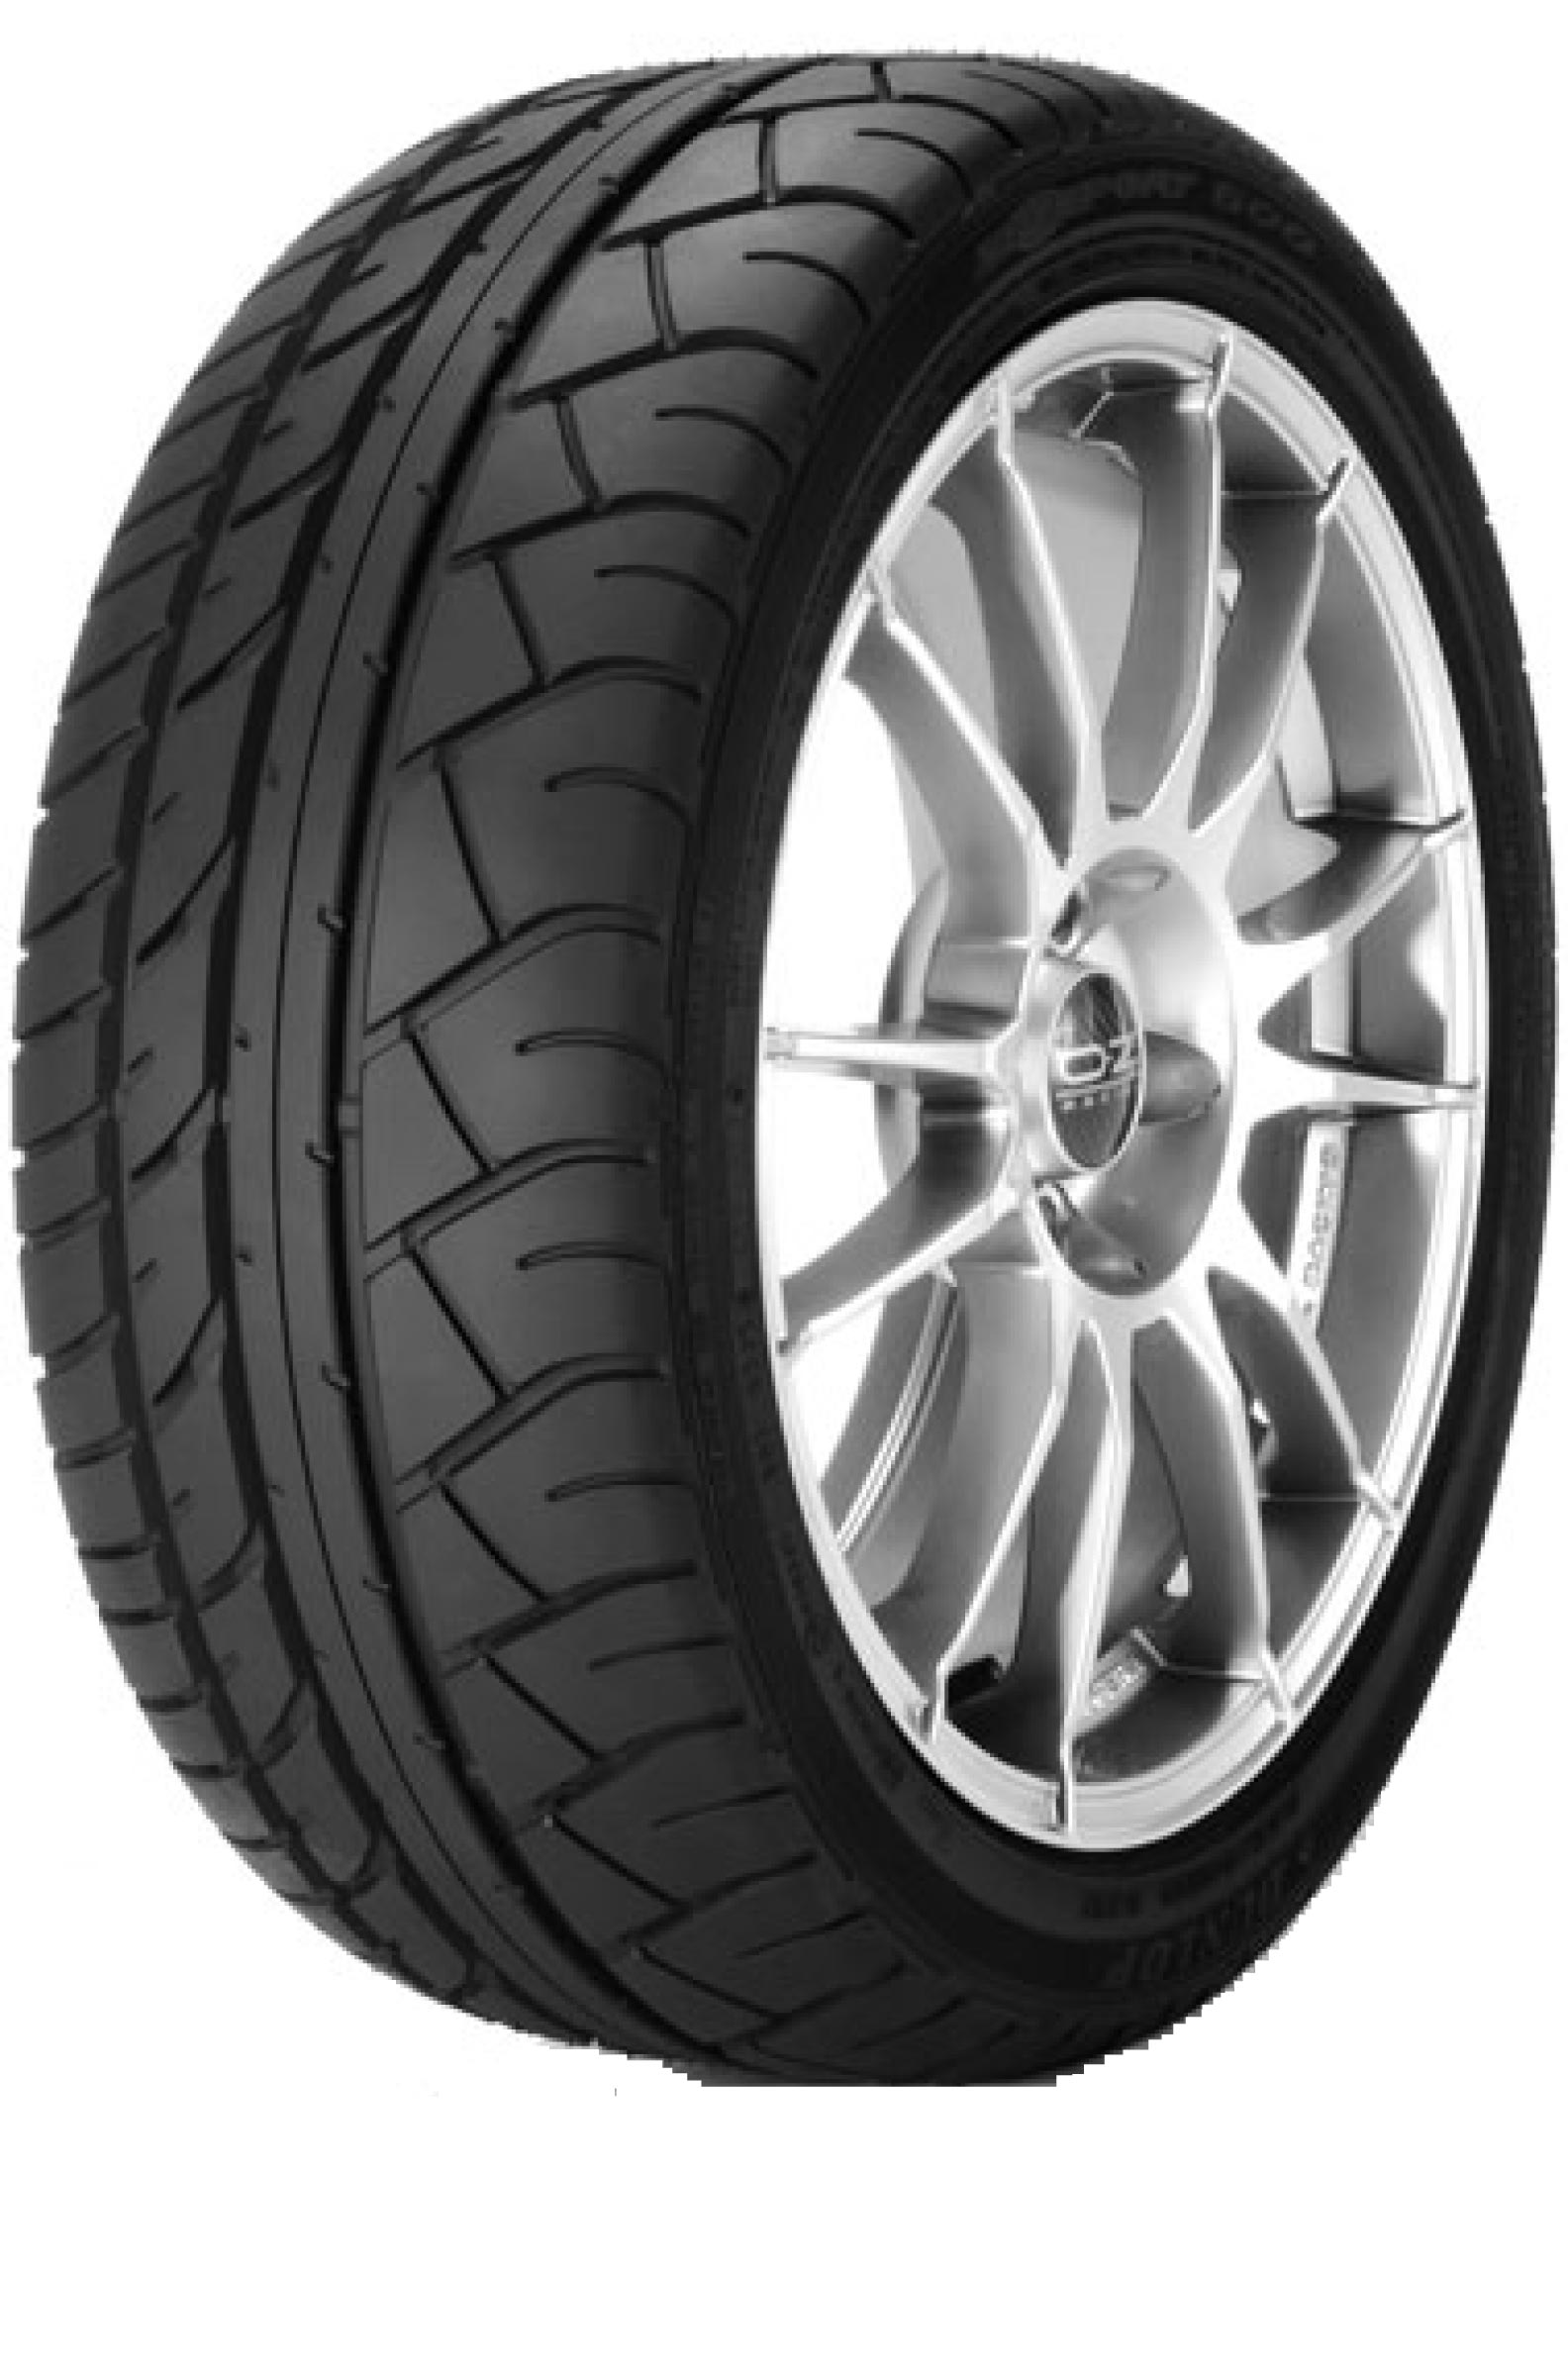 Dunlop / SP Sport 600